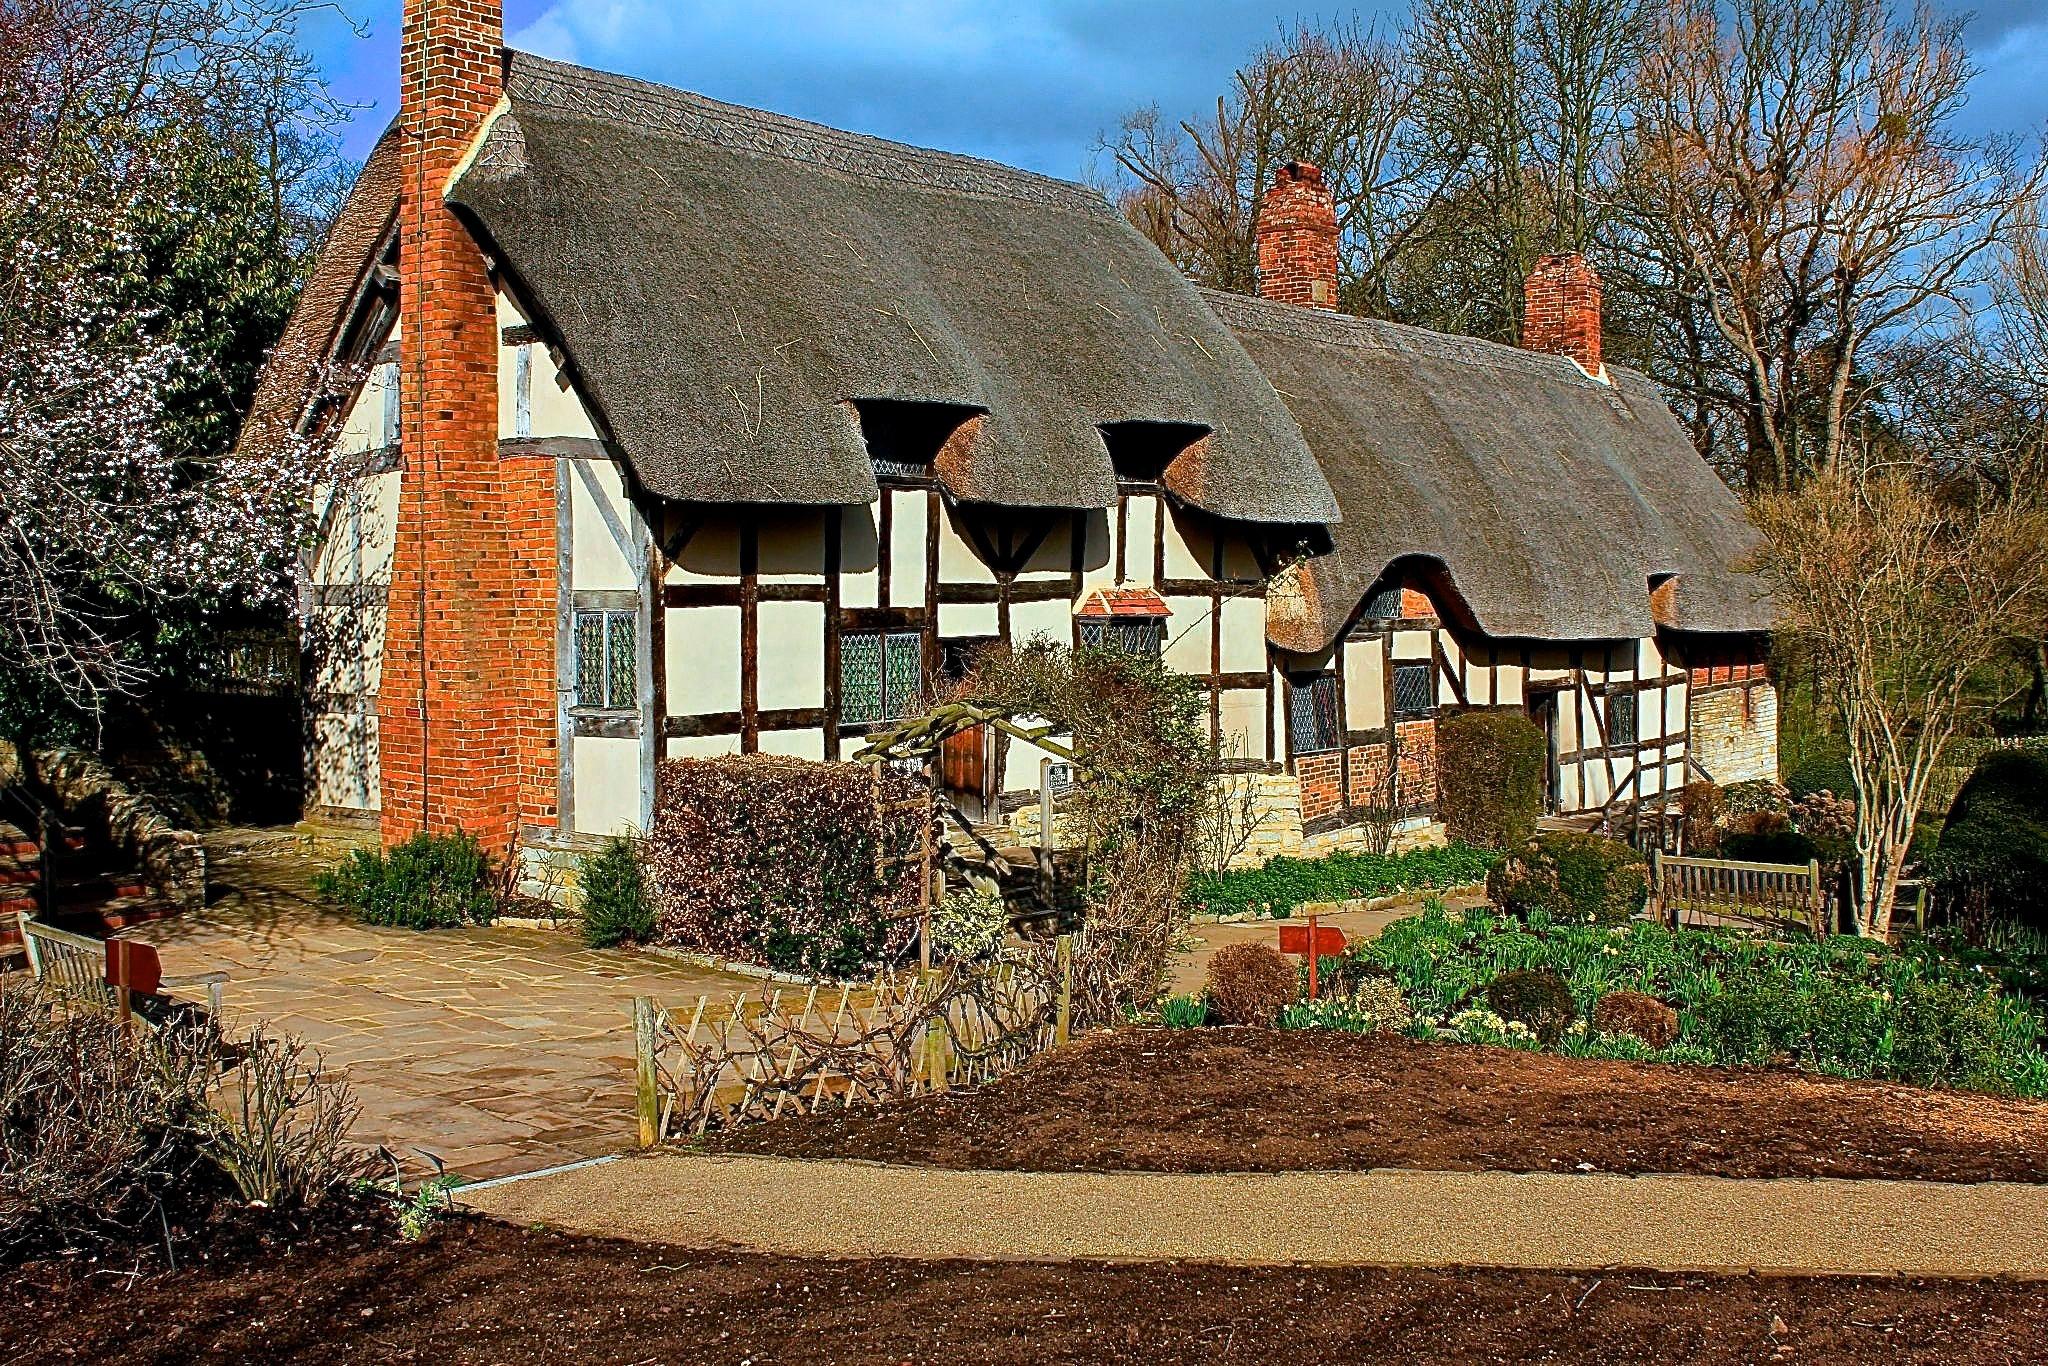 Ann Hathaway's Cottage by Barbara Skillen